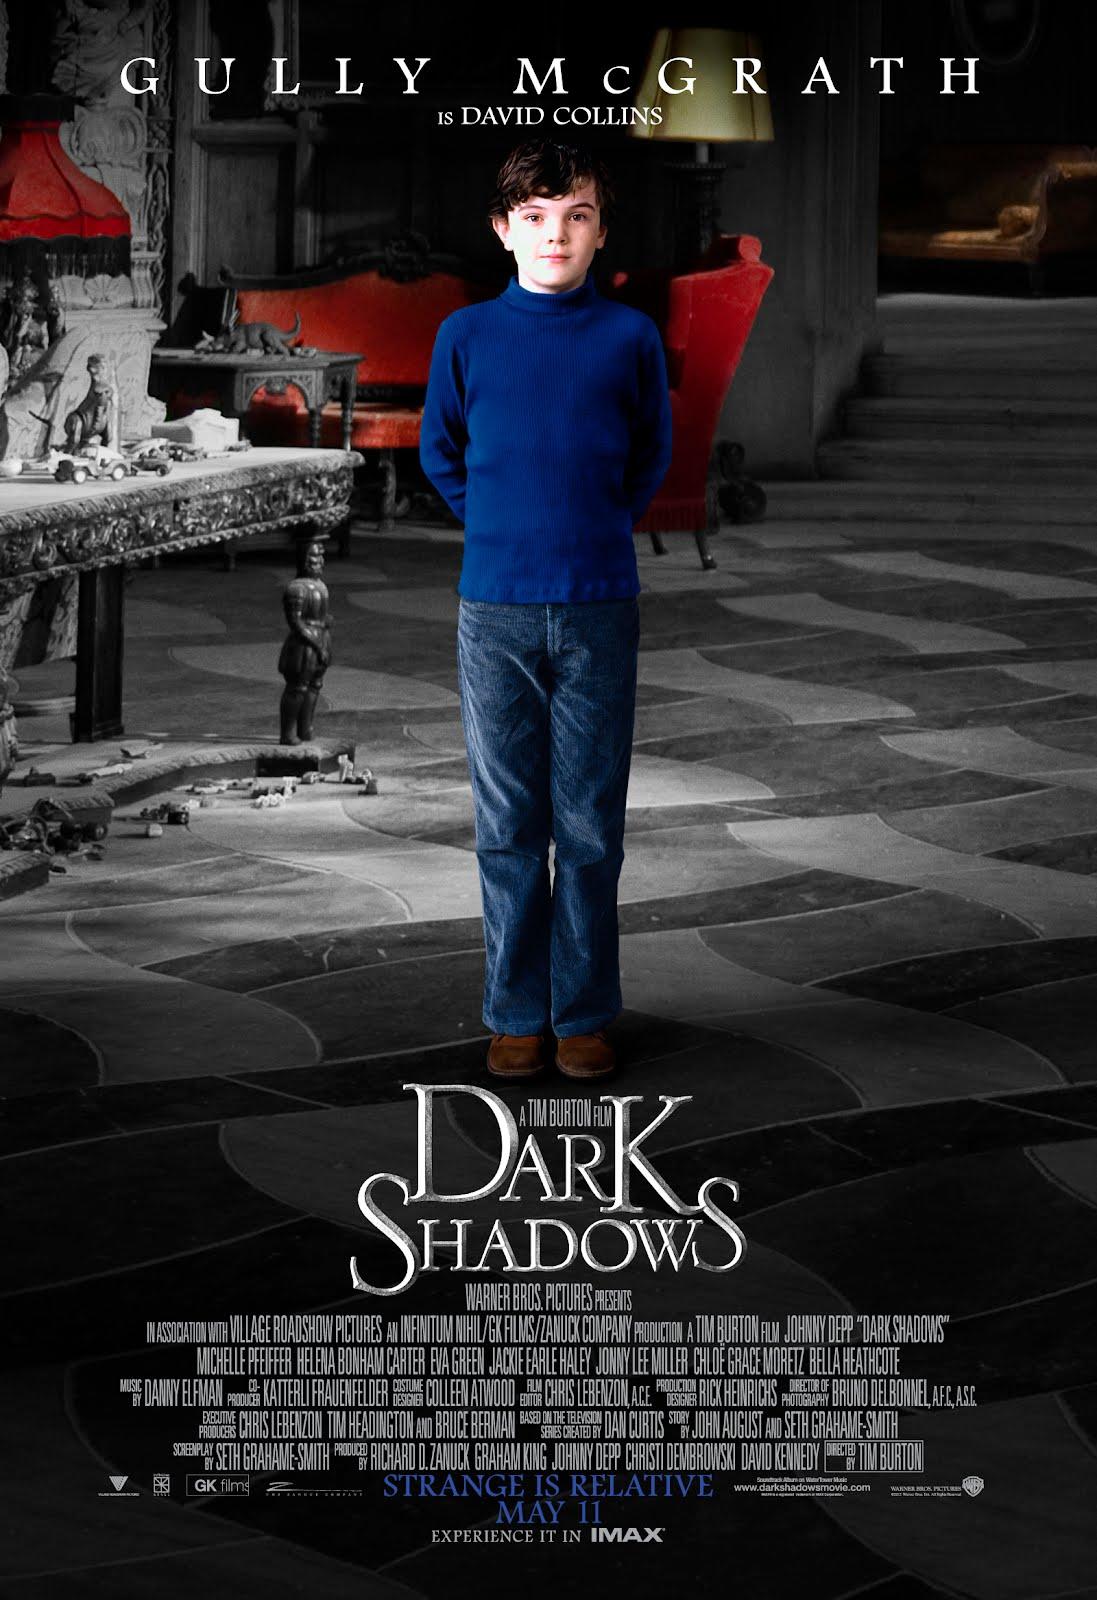 http://4.bp.blogspot.com/-jvKqJ4sNX-4/T3SRsldrZhI/AAAAAAAADTE/GivEr-Tvd4A/s1600/dark-shadows-character-poster-banner-gully-mcgrath.jpg